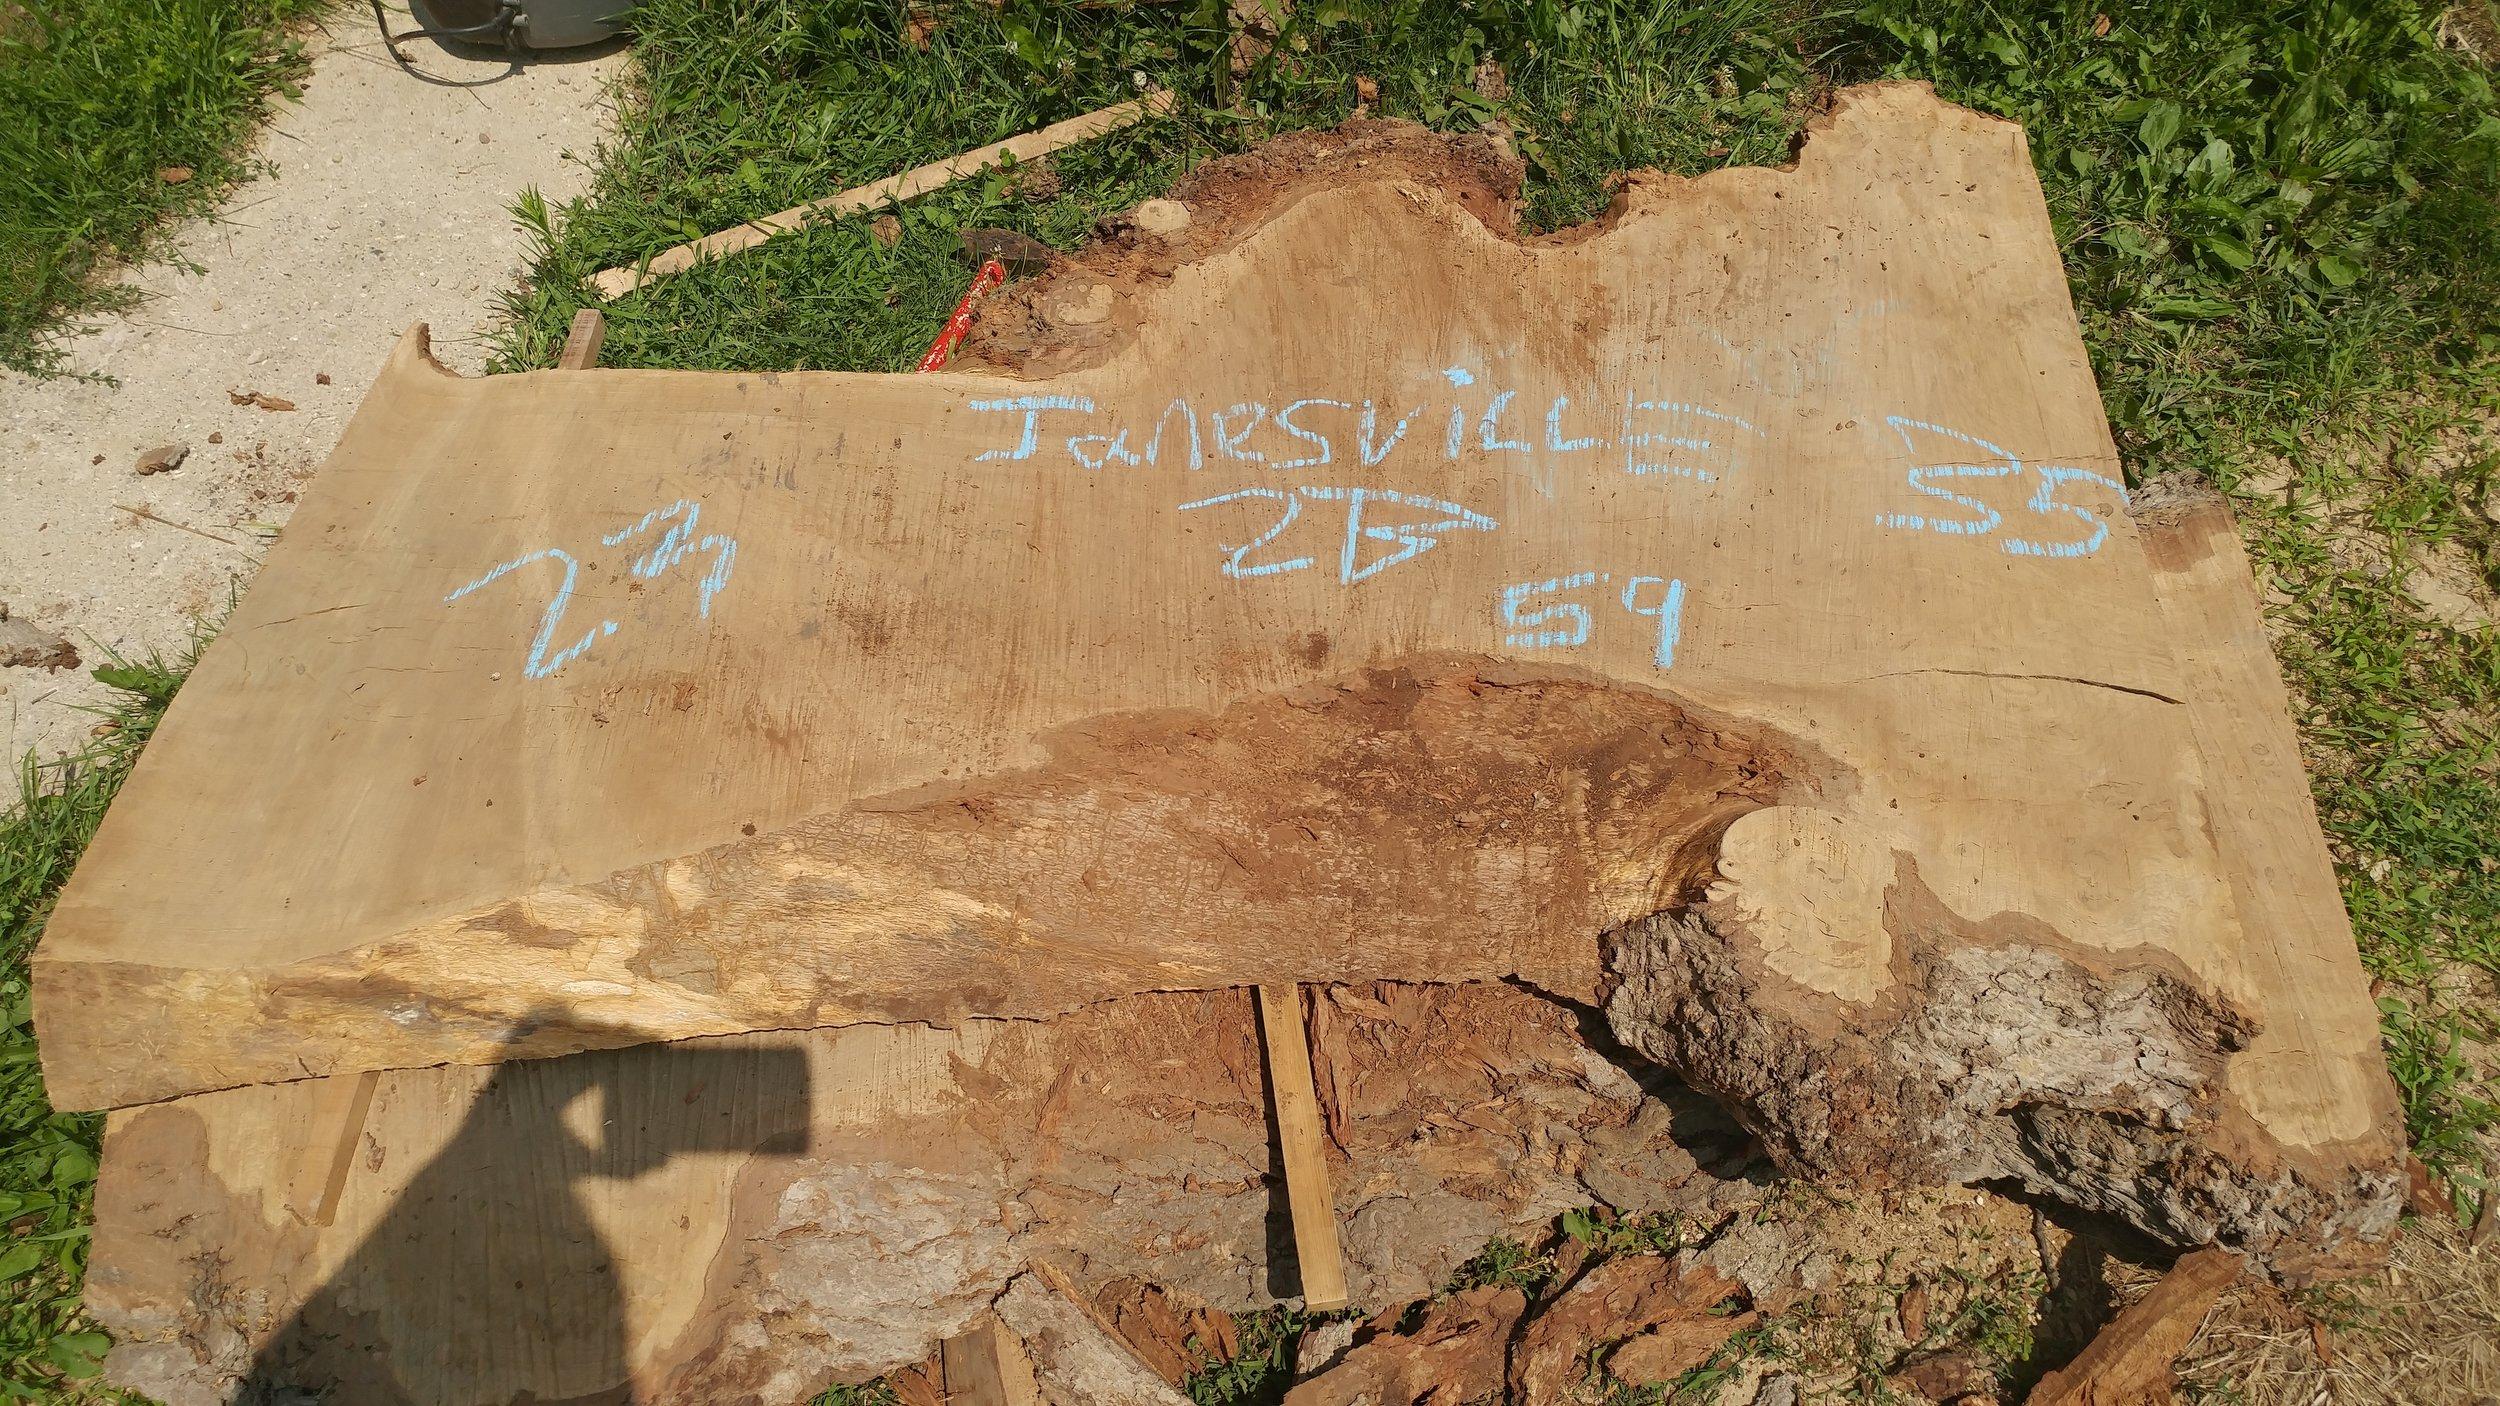 Janesville2B.jpg